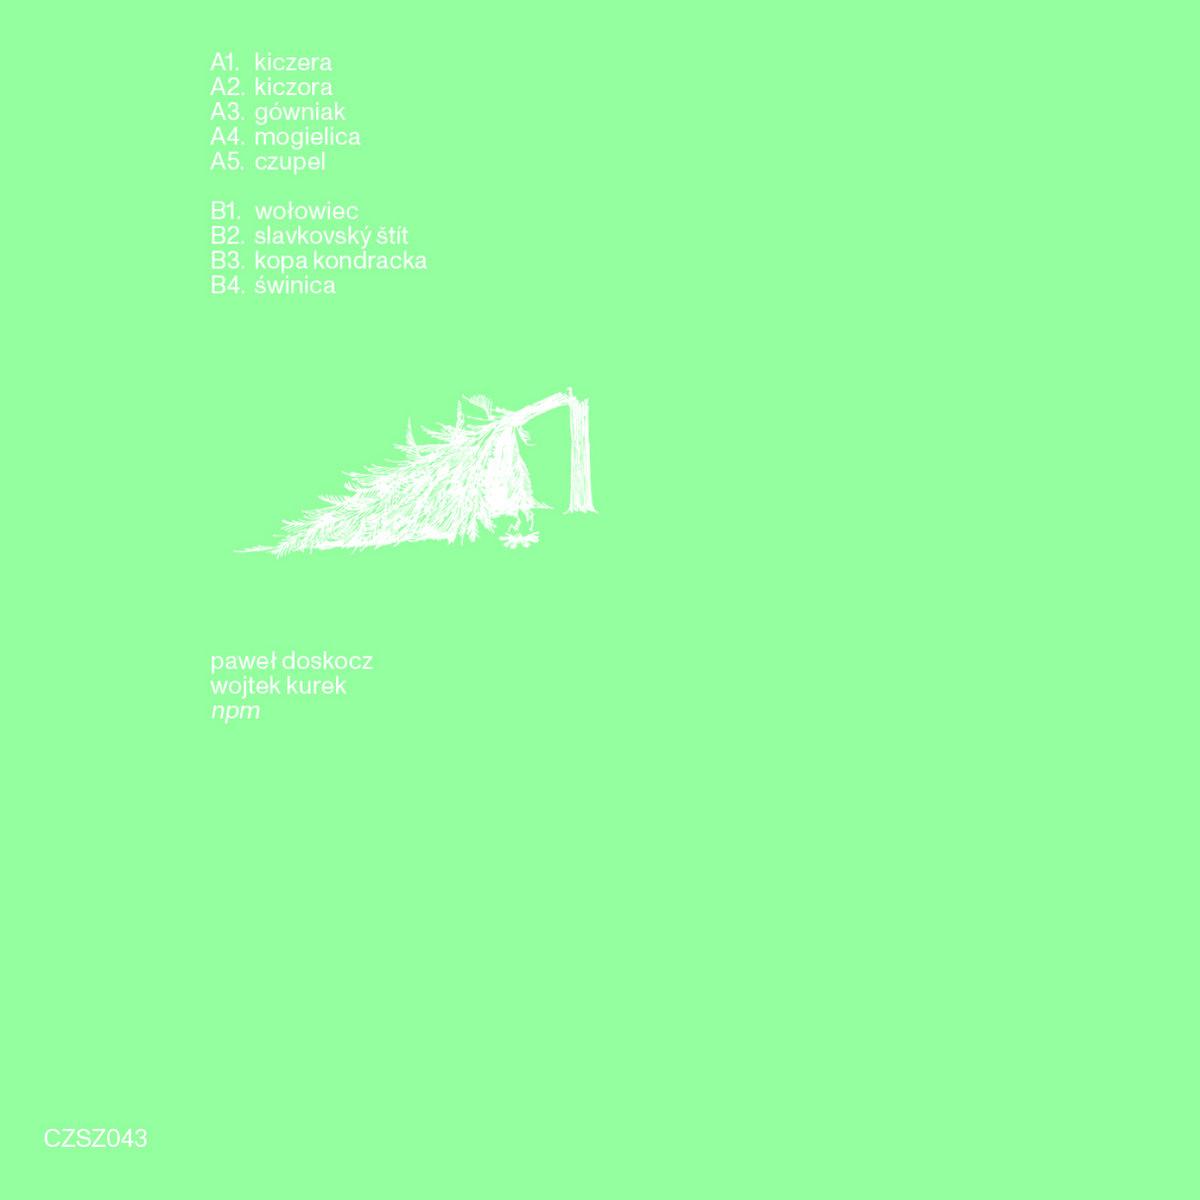 paweł doskocz/wojtek kurek – npm [czaszka records;2021]